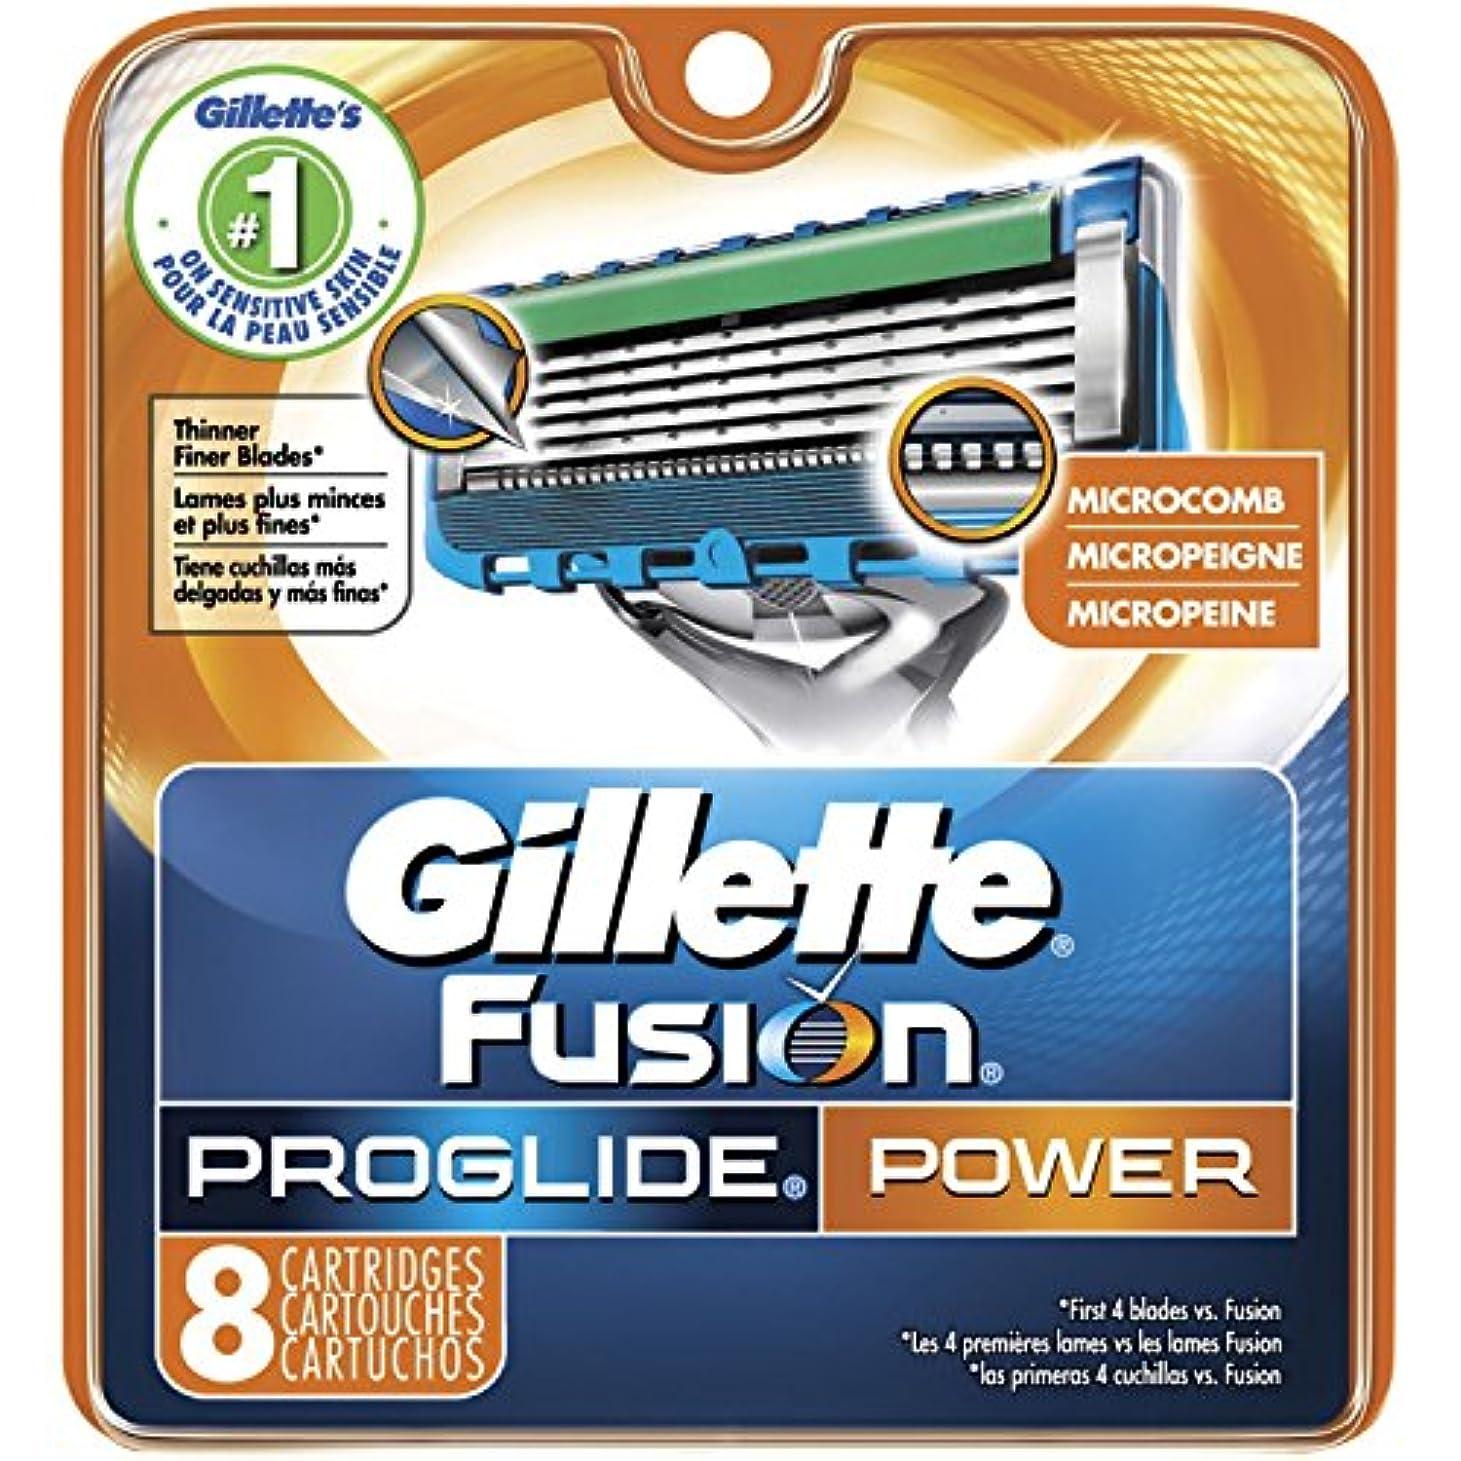 スリンク争い開拓者Gillette Fusion PROGLIDE POWER Razor Blades Refills ドイツ8パック製 [並行輸入品]